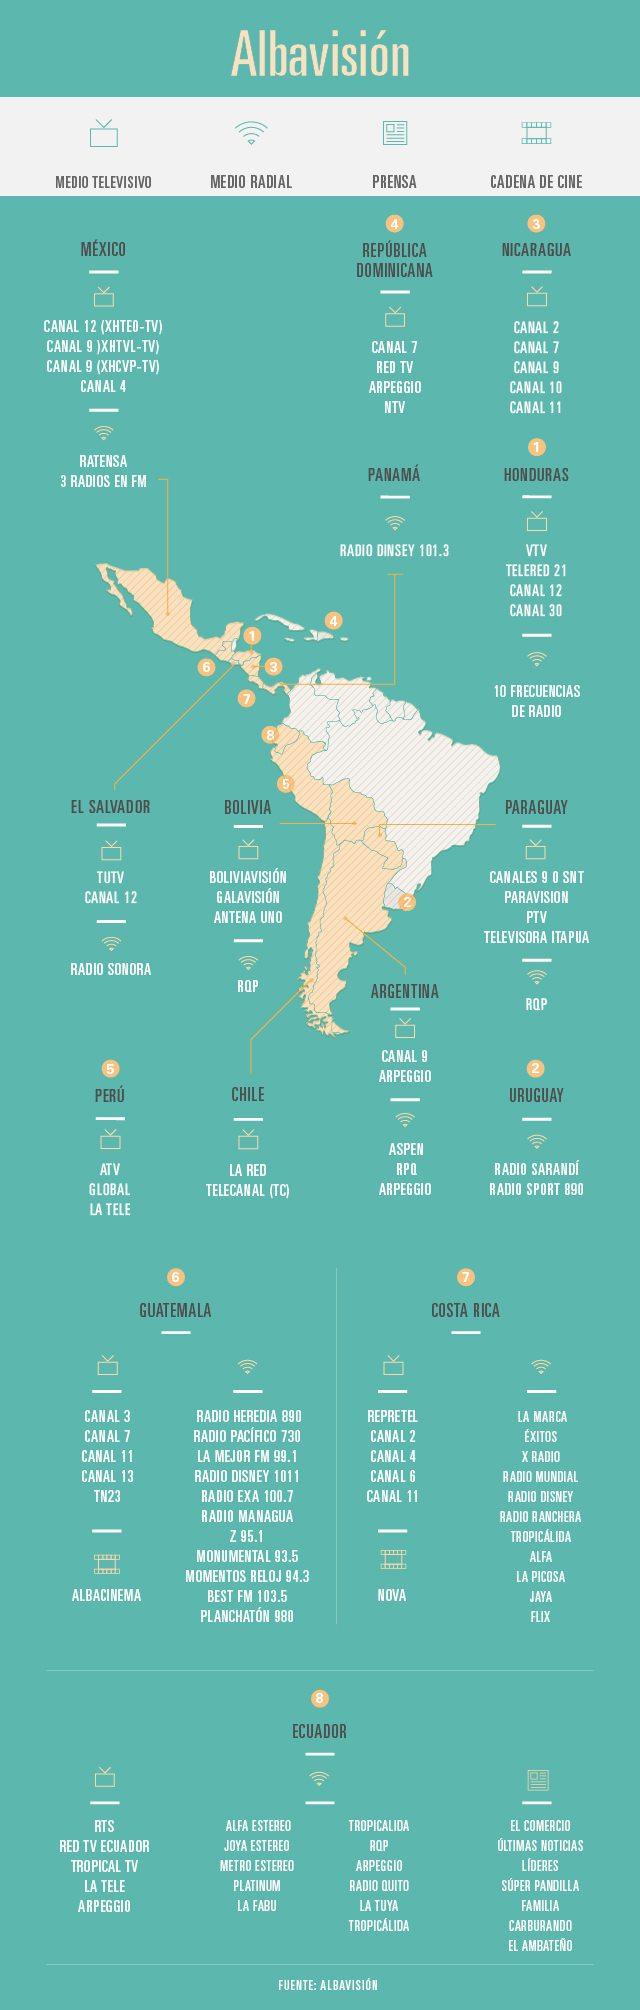 Oyen y ven Albavisión en América Latina.